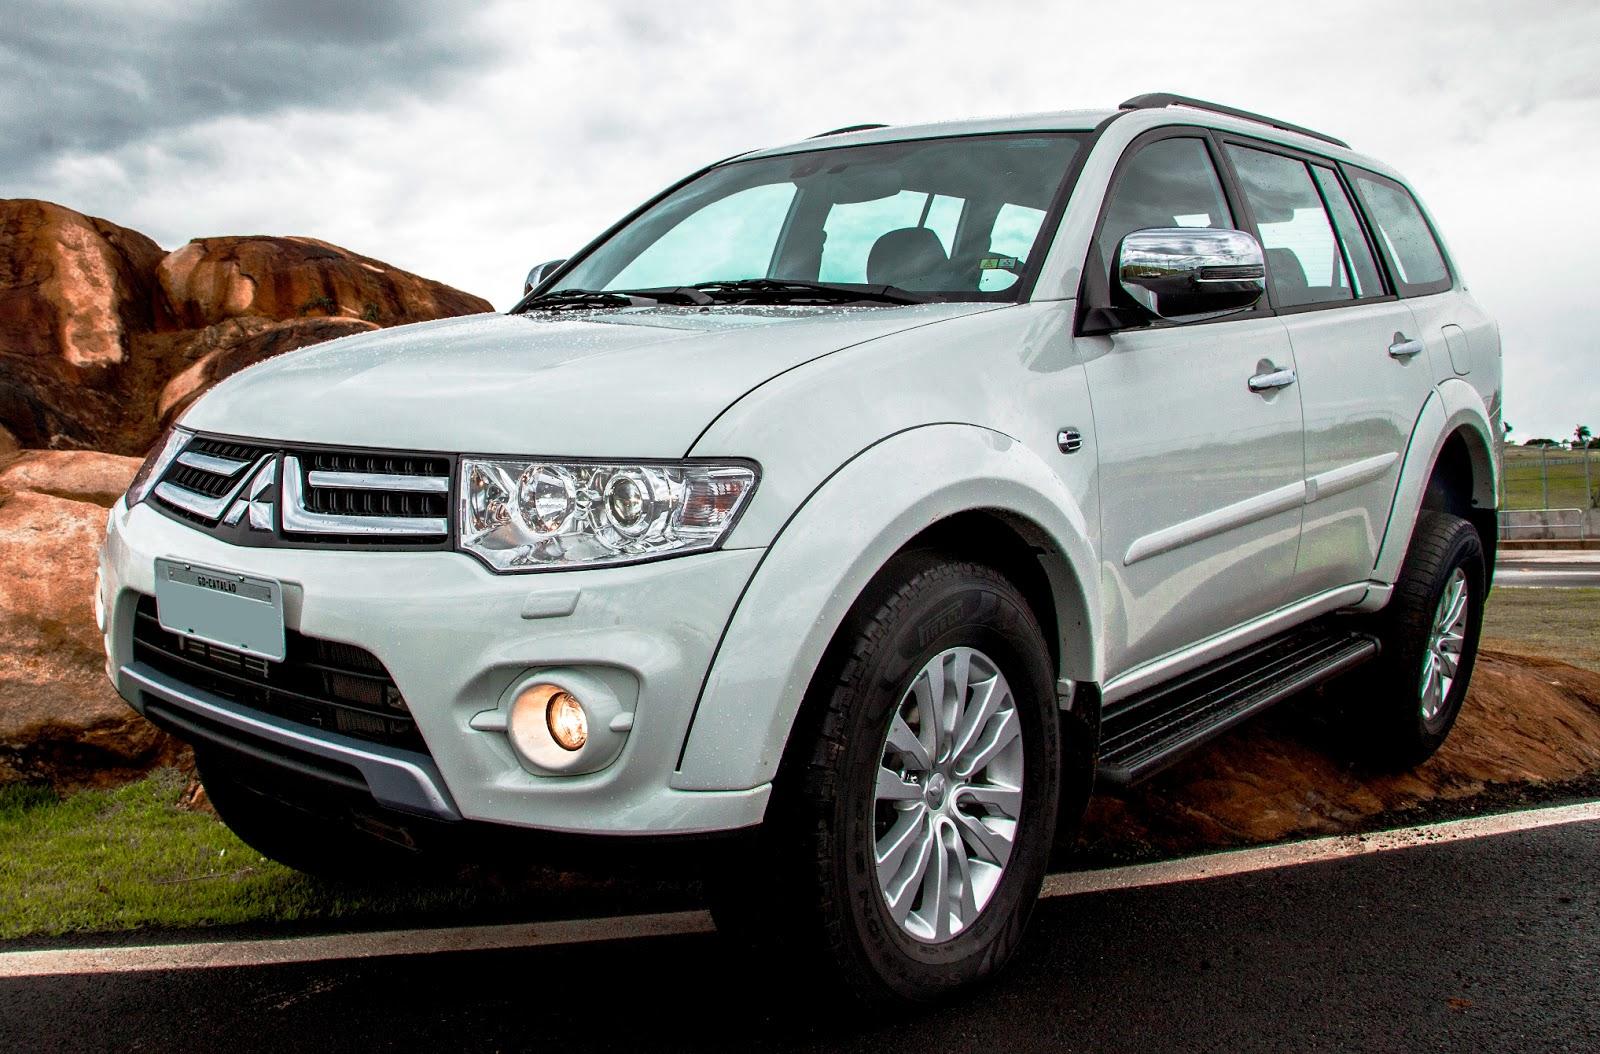 Auto REALIDADE: Mitsubishi Pajero Dakar 2014 chega custando R$ 146 990